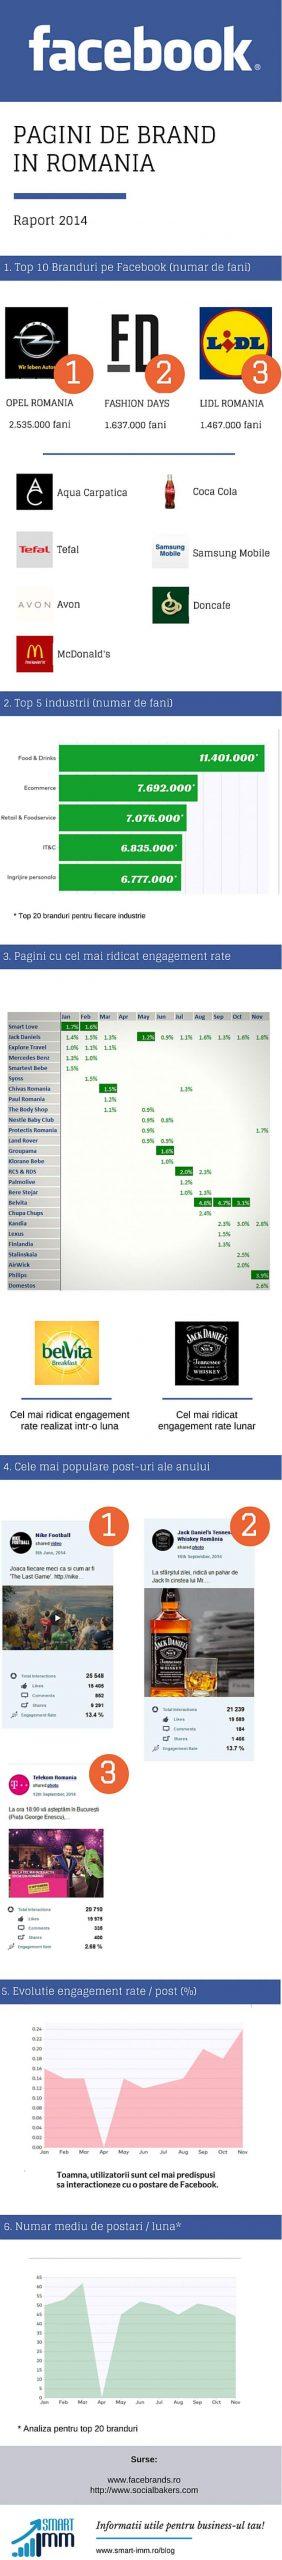 Paginile de brand din Romania in 2014